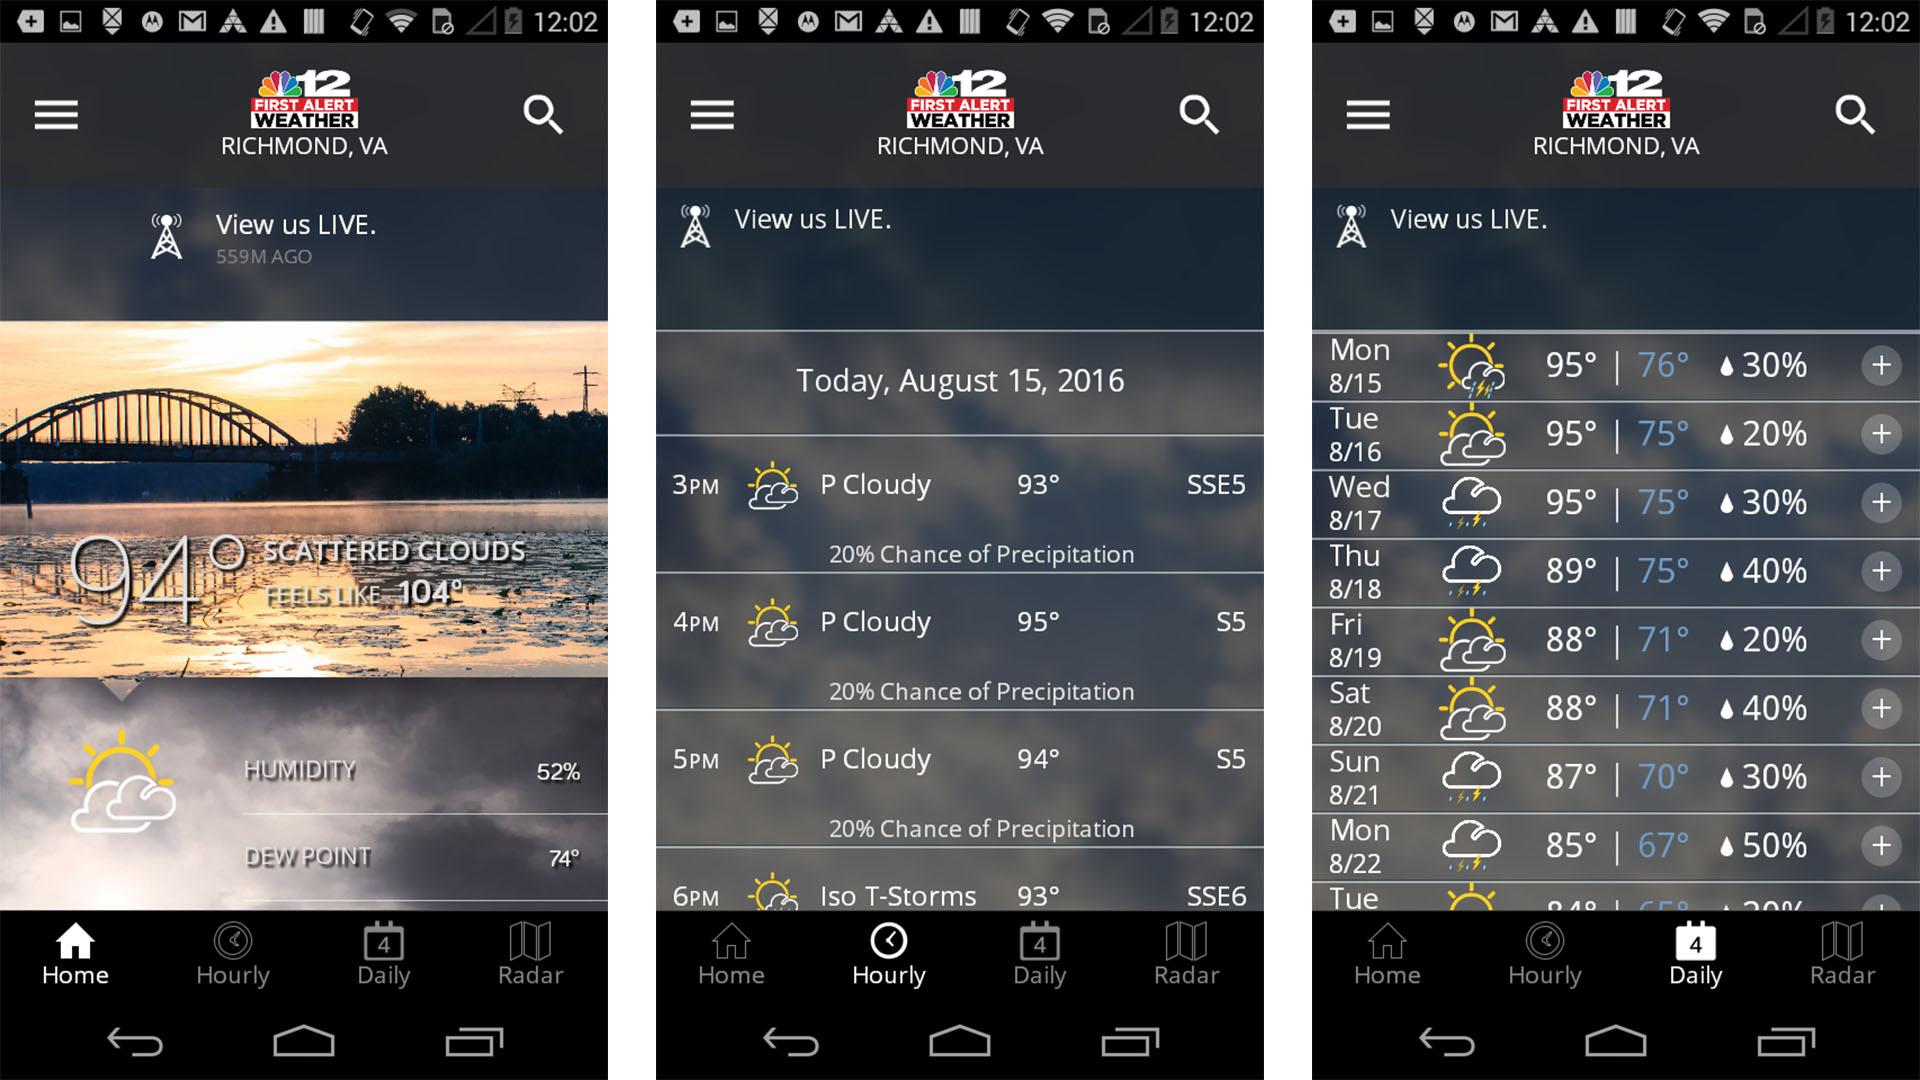 NBC12 First Alert Weather screenshot 2021